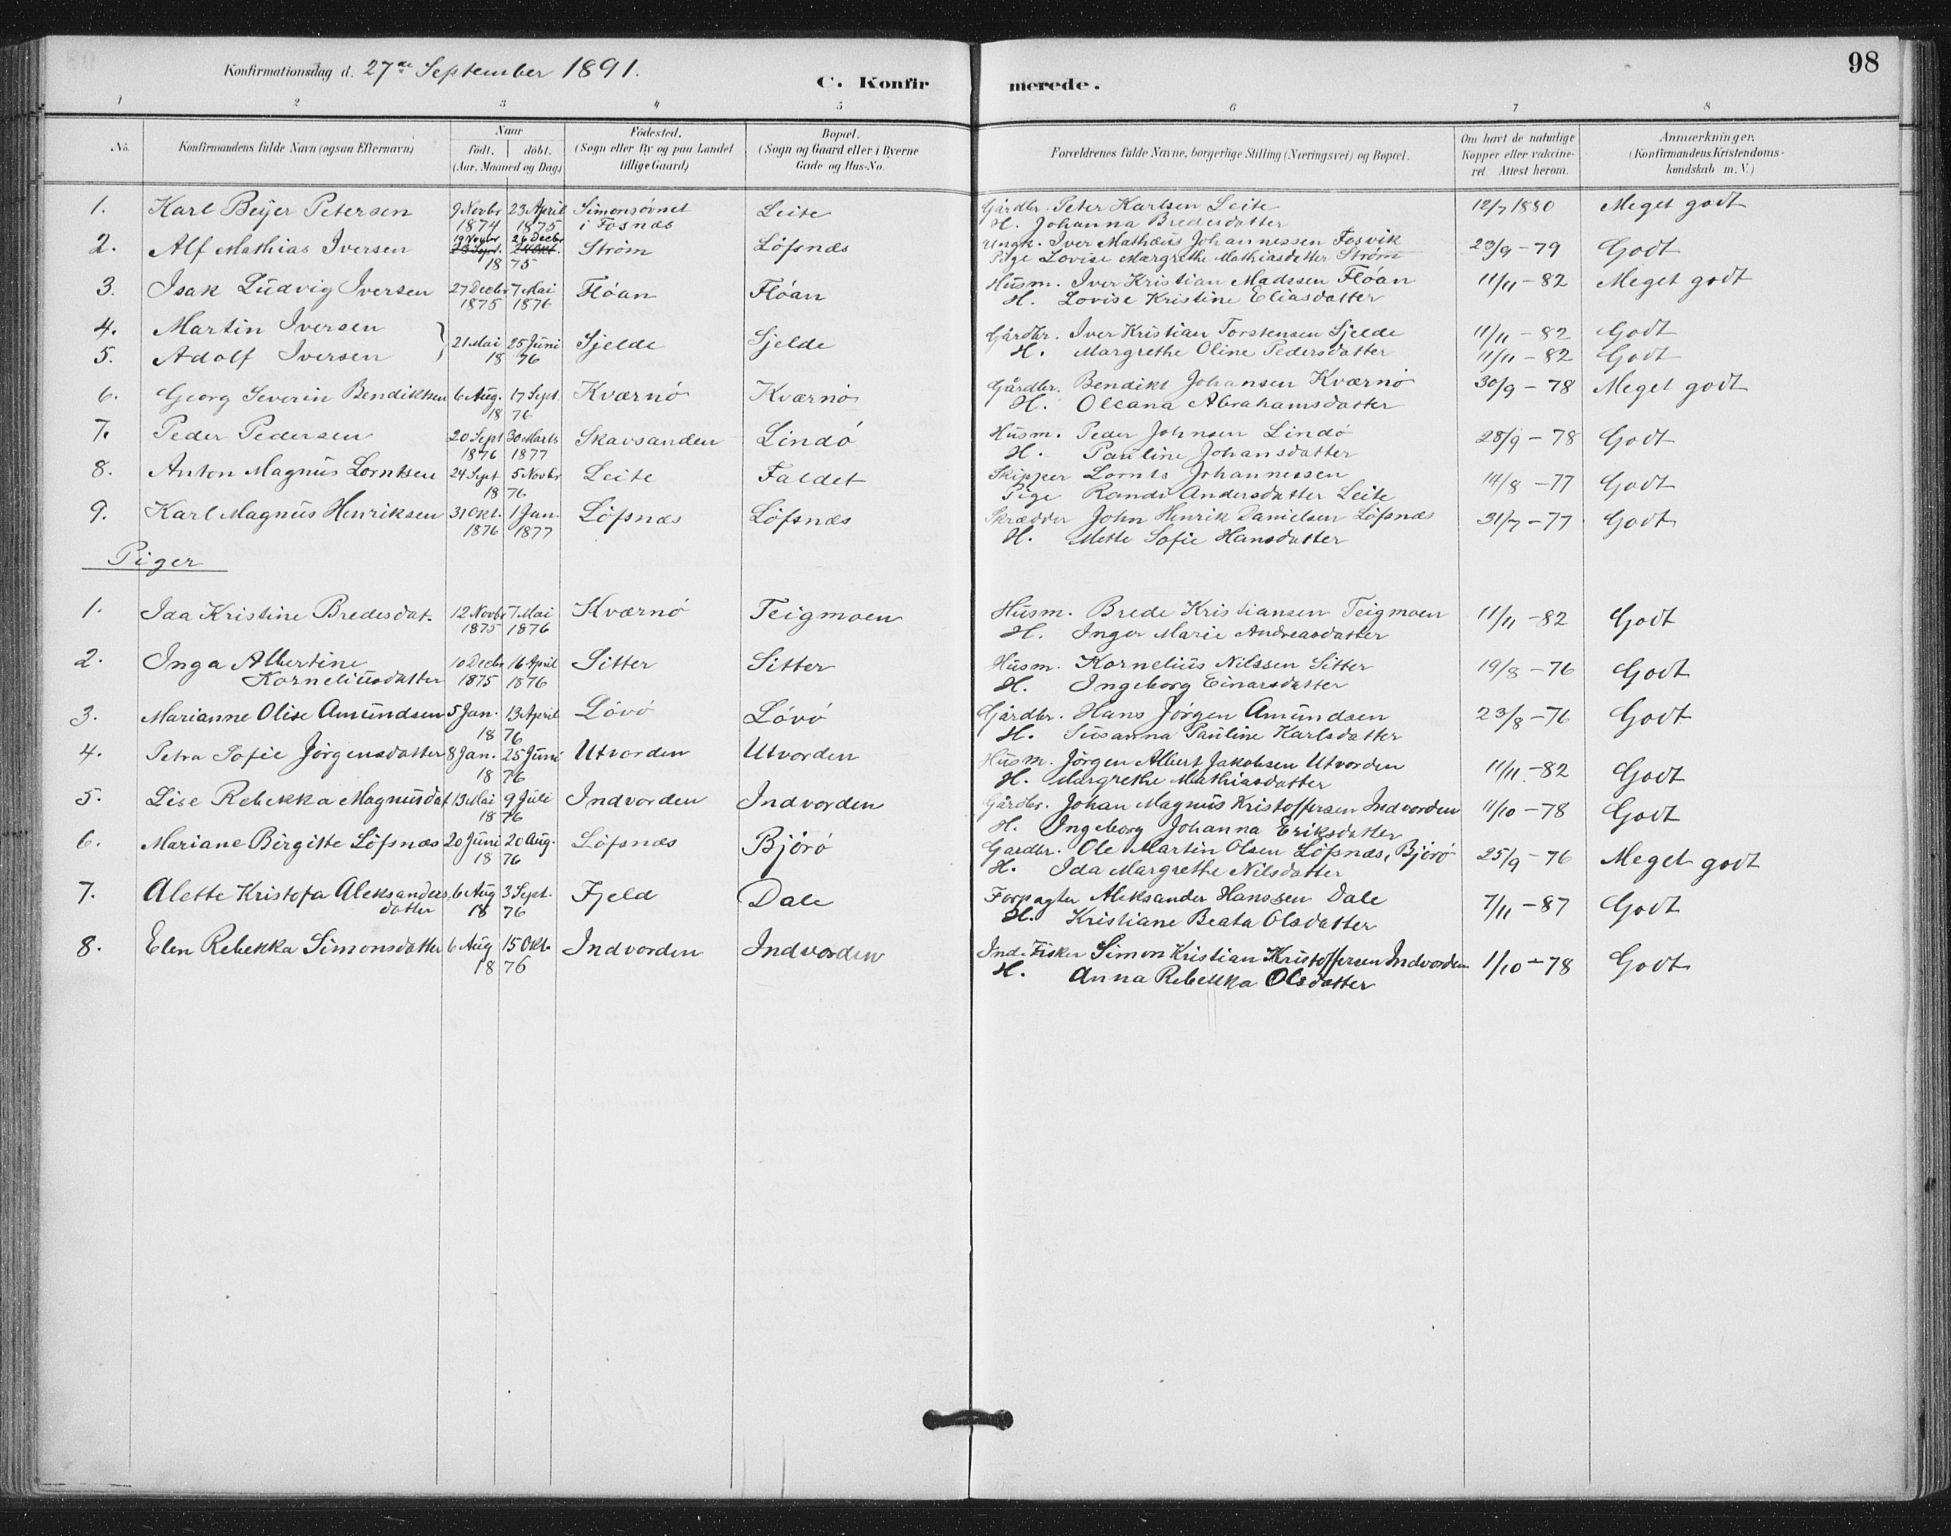 SAT, Ministerialprotokoller, klokkerbøker og fødselsregistre - Nord-Trøndelag, 772/L0603: Ministerialbok nr. 772A01, 1885-1912, s. 98